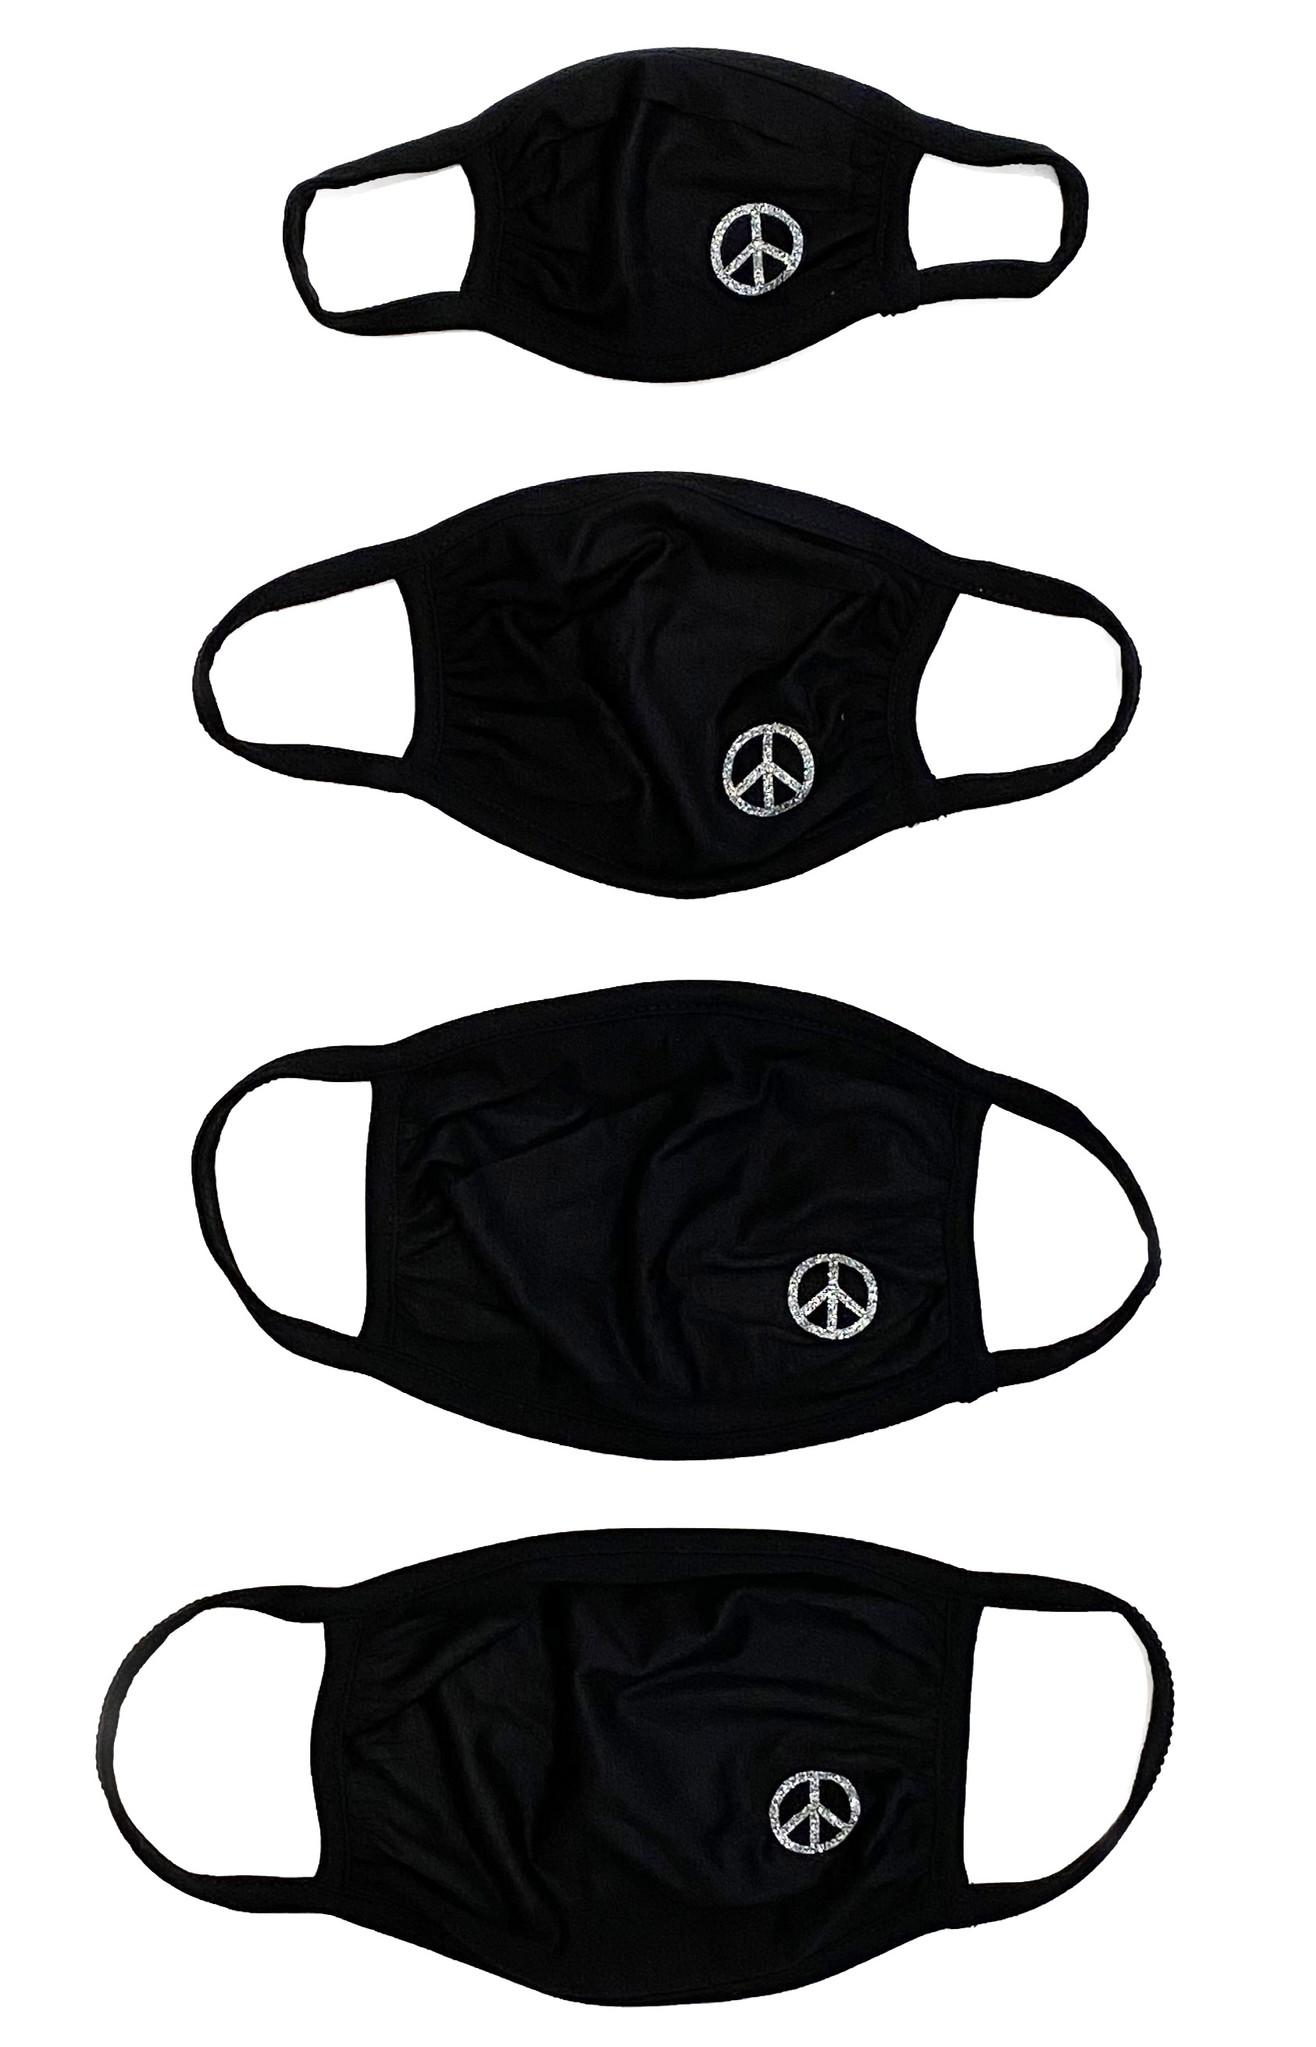 Sofi Black w Silver Peace Mask - 4 sizes